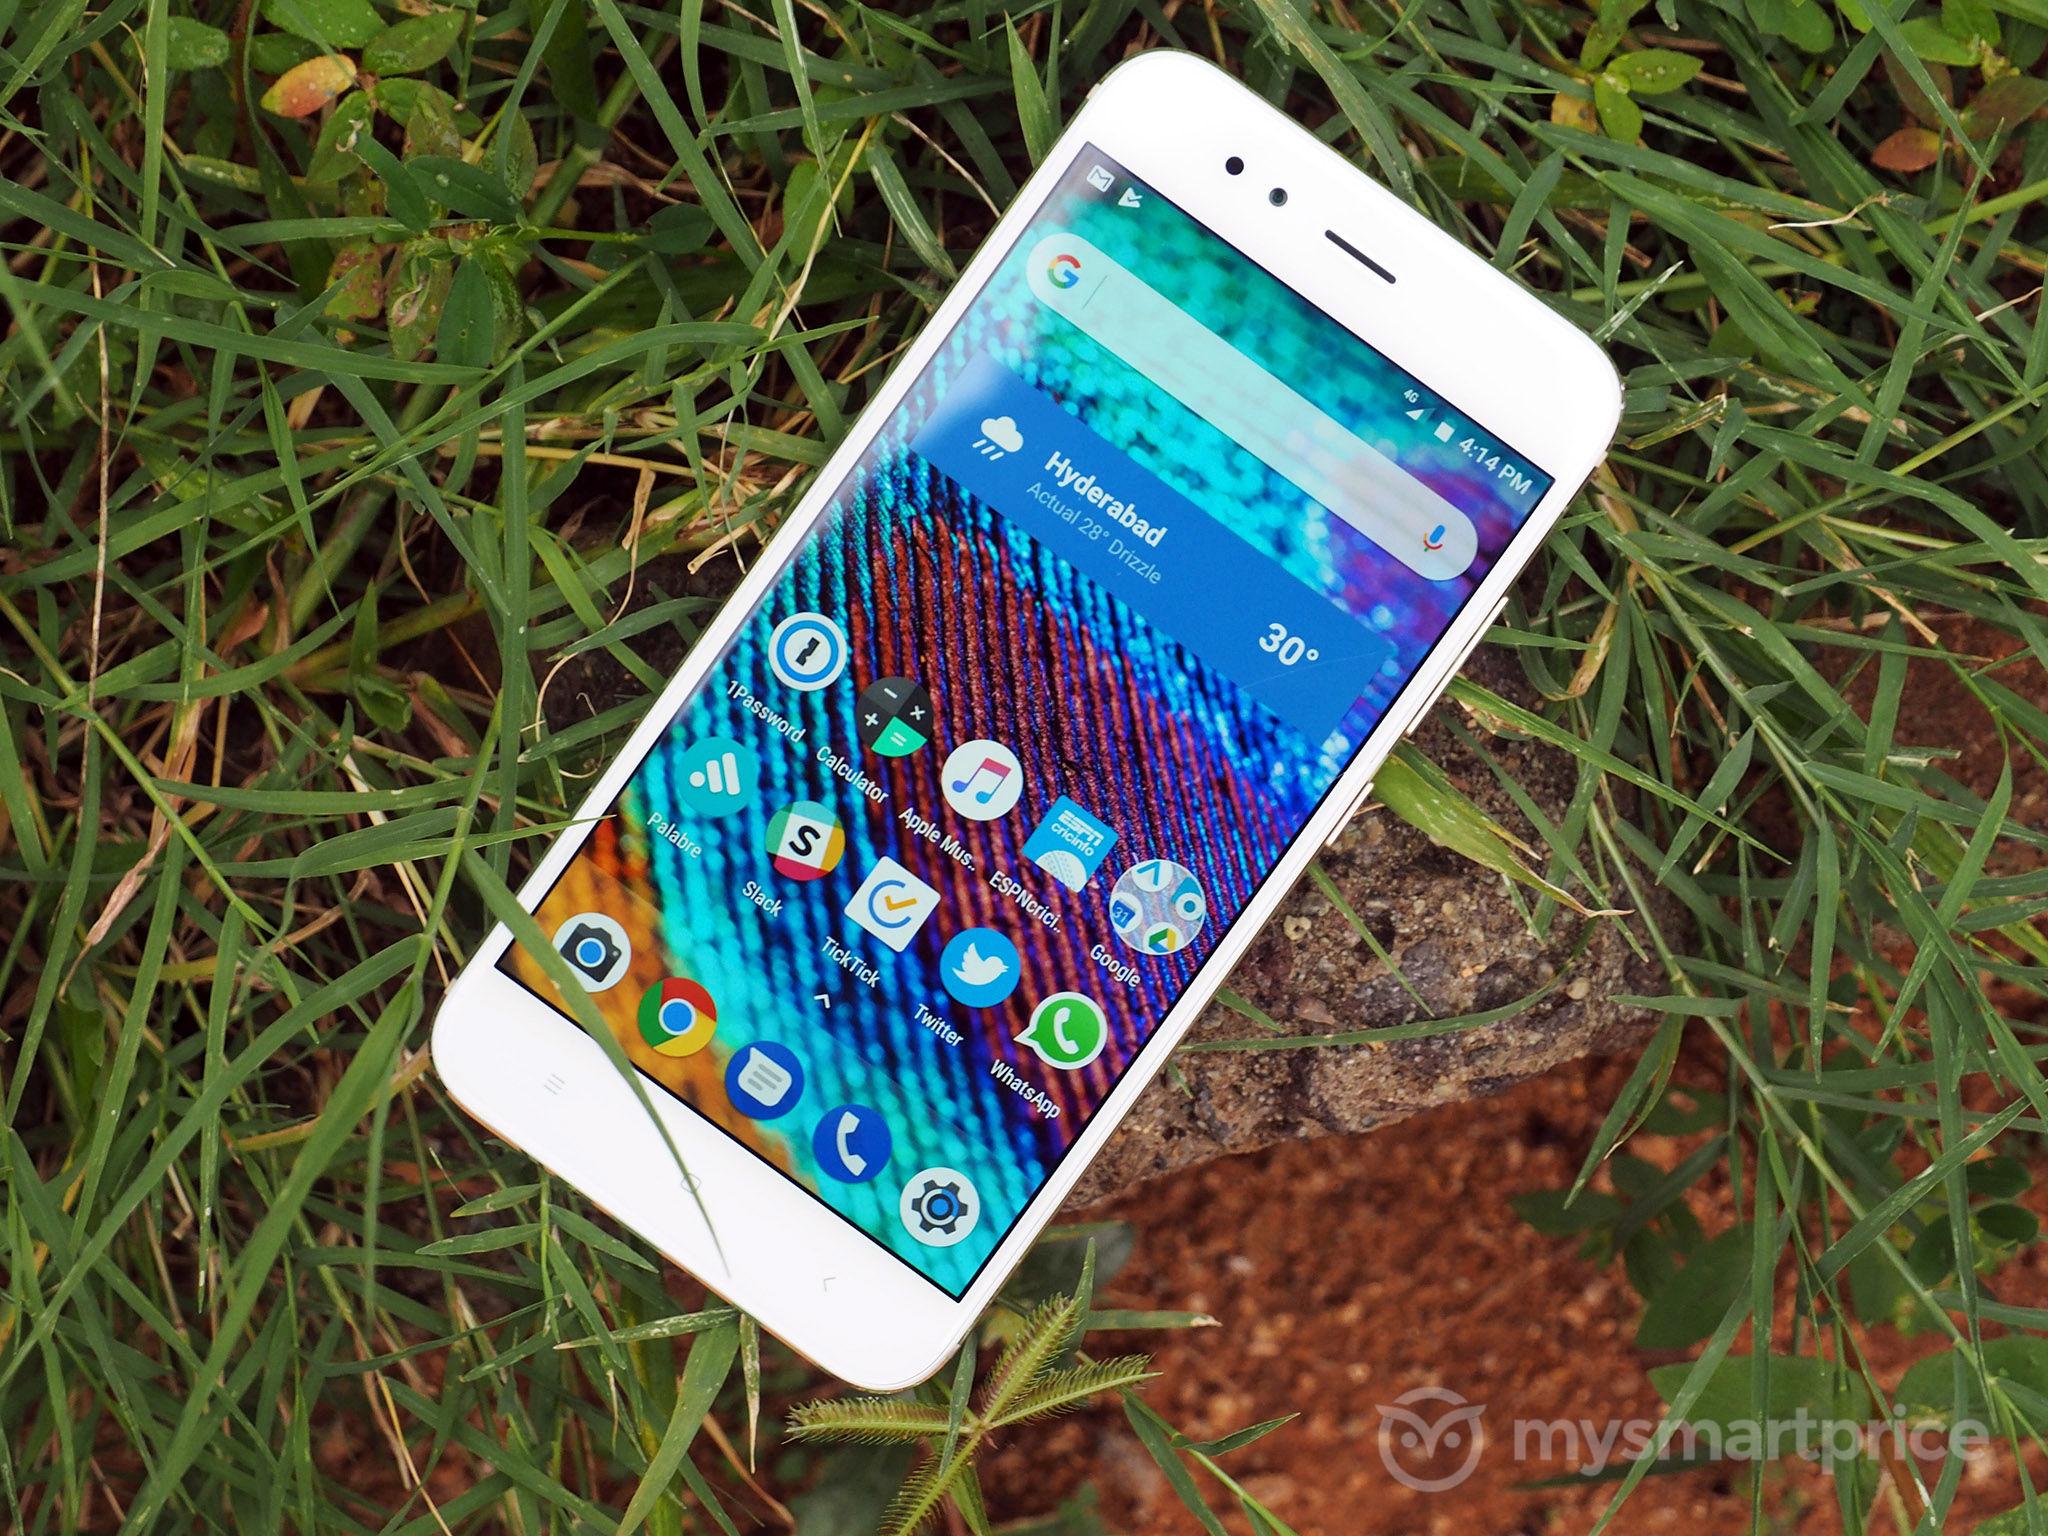 Xiaomi Mi A1 4G Smartphone 5.5 inches 4GB RAM + 64GB ROM